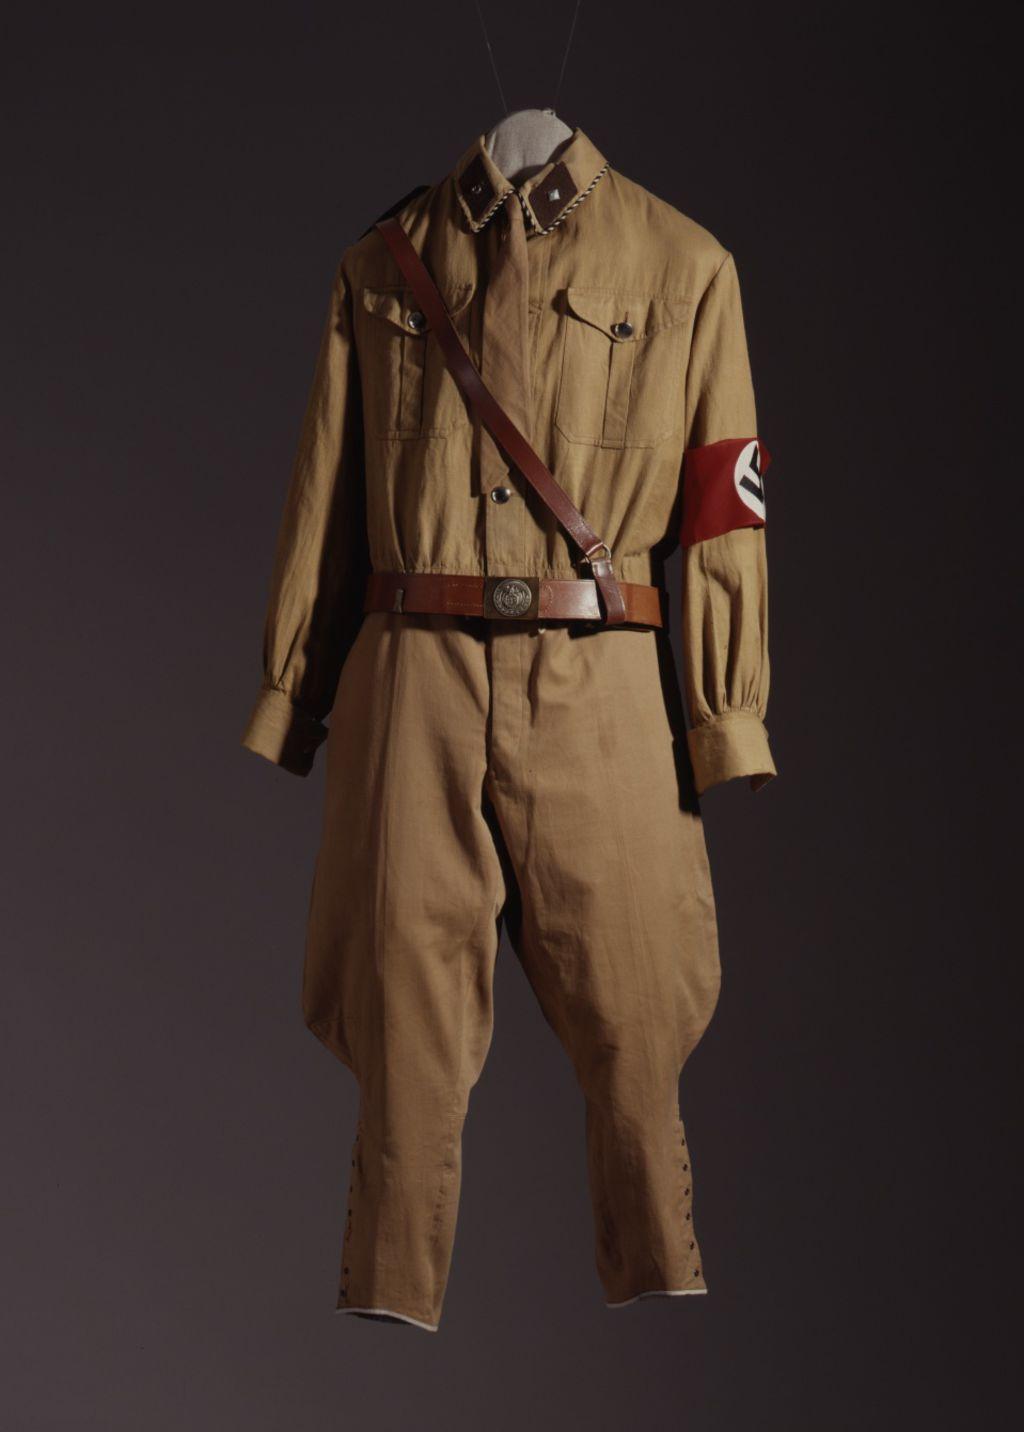 LeMO Bestand - Objekt - Uniform der SA, um 1930